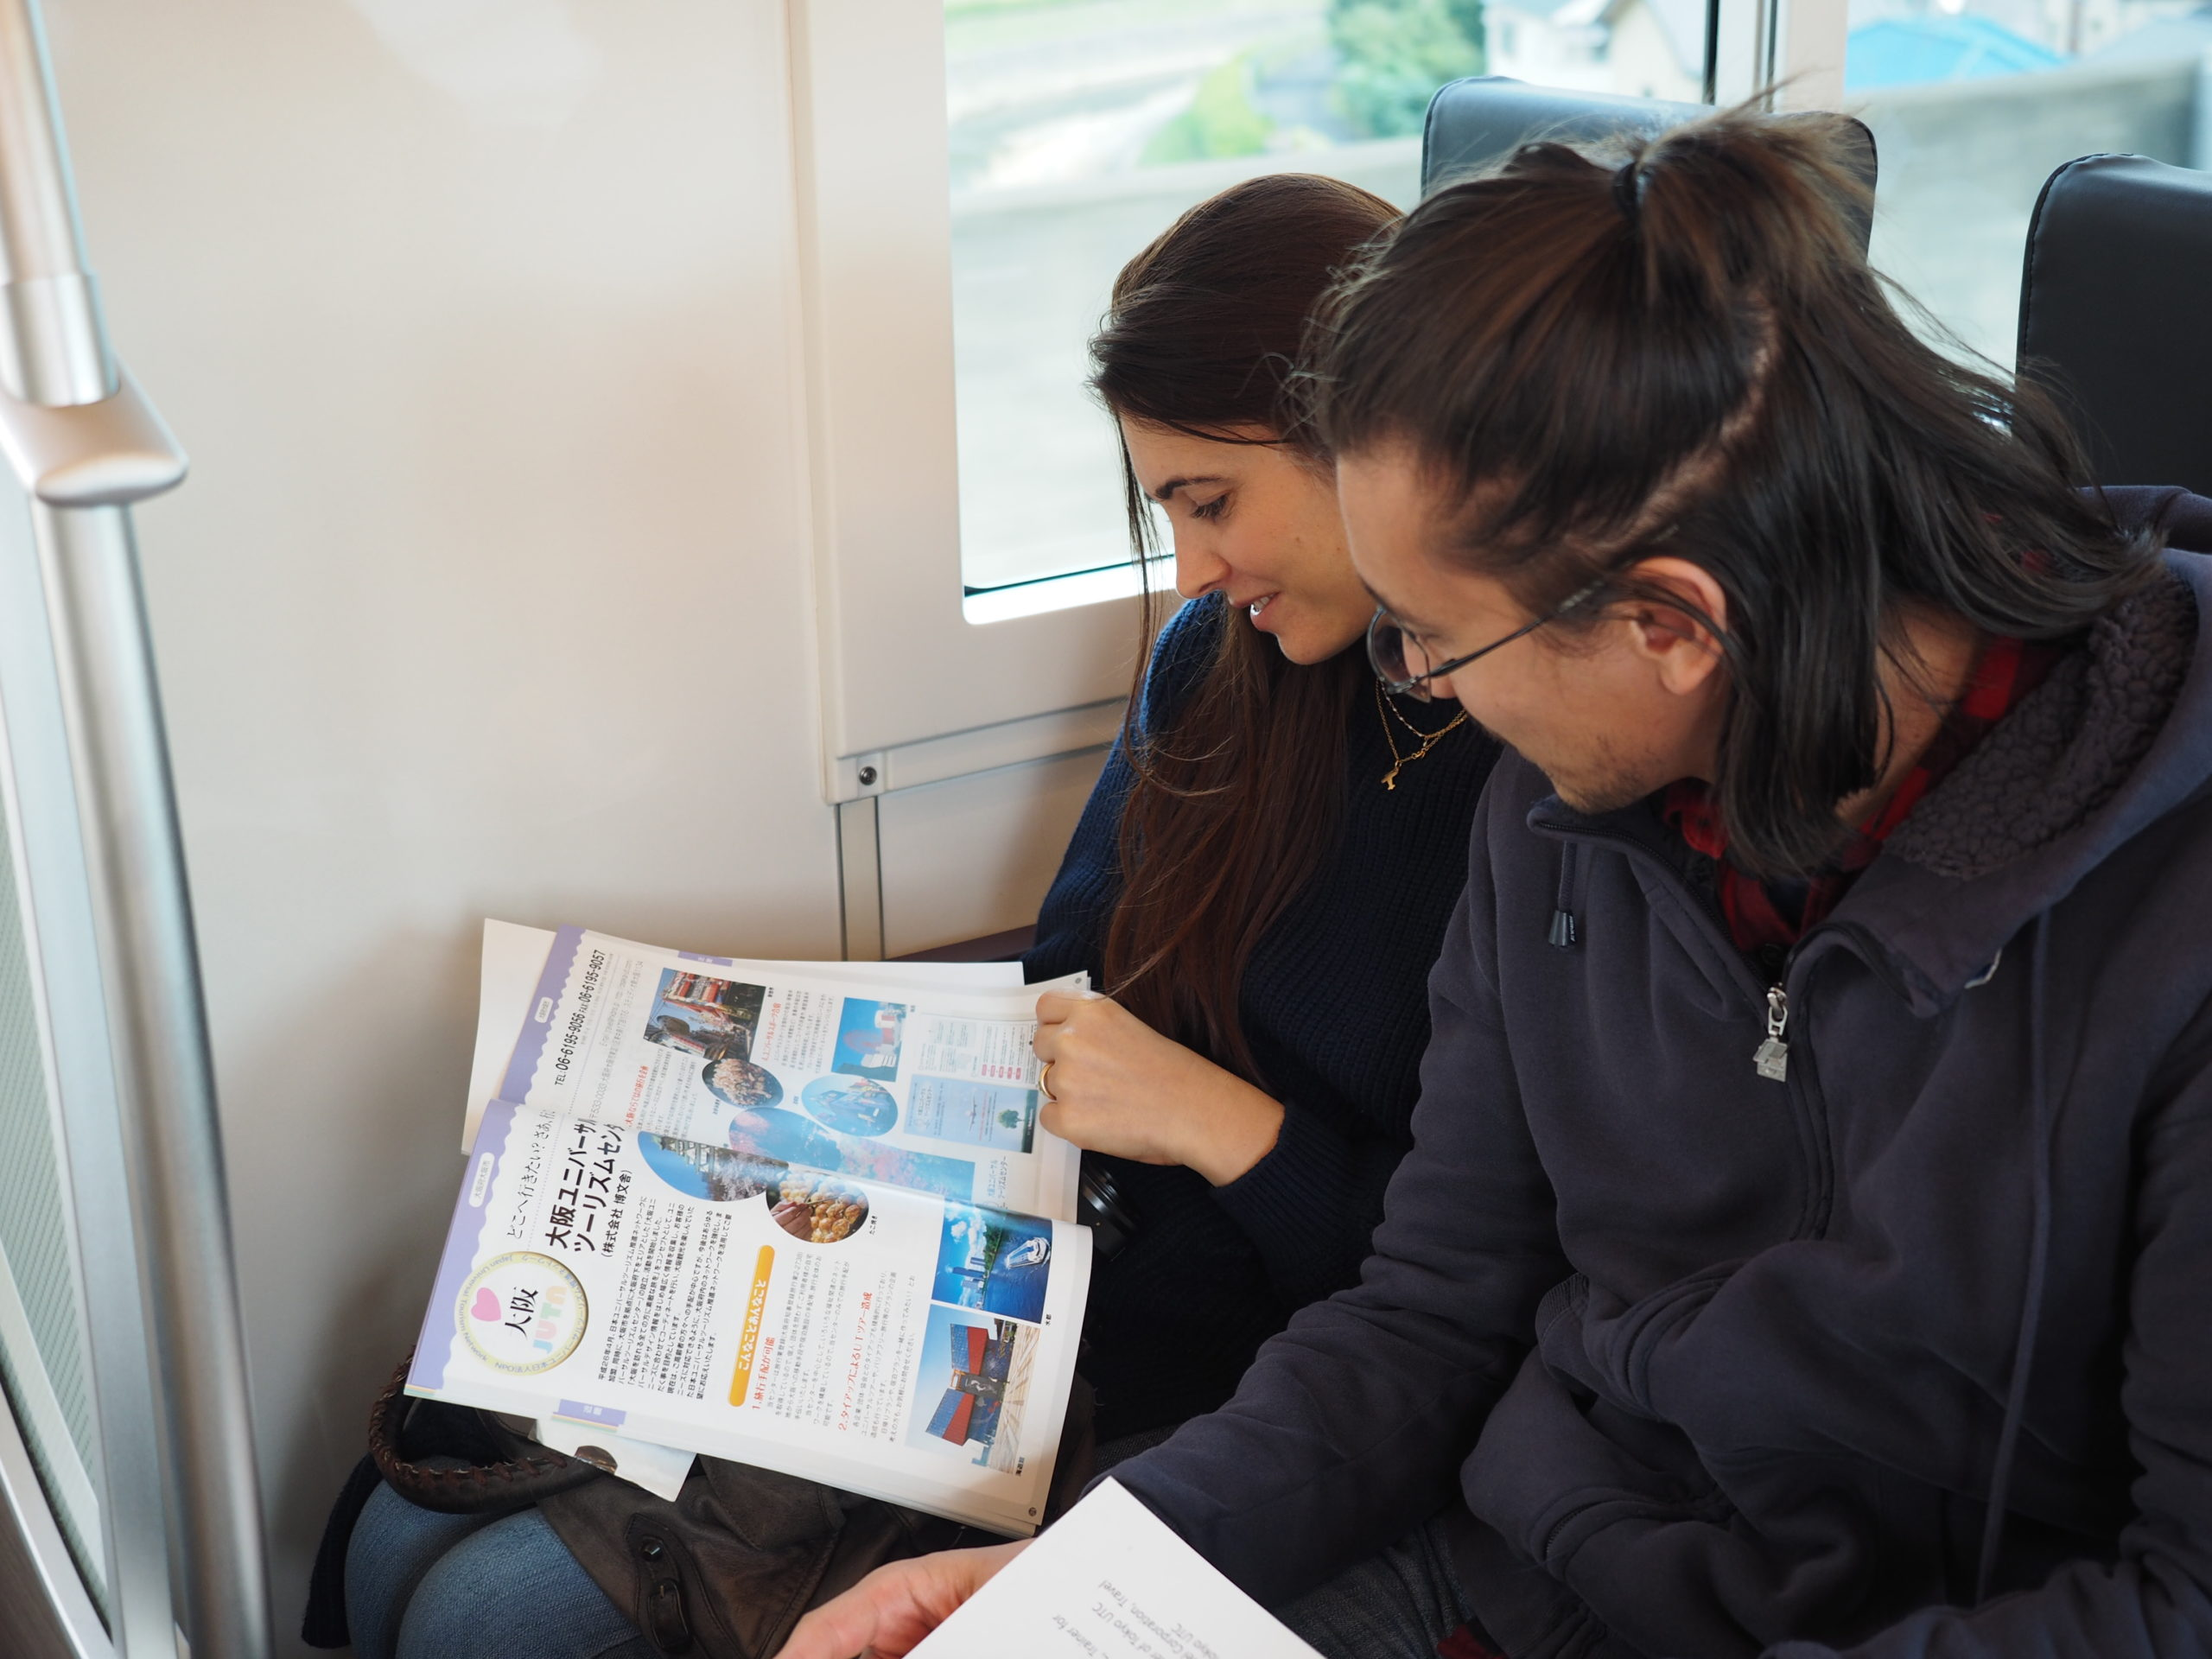 giulia e andrea sul treno in giappone